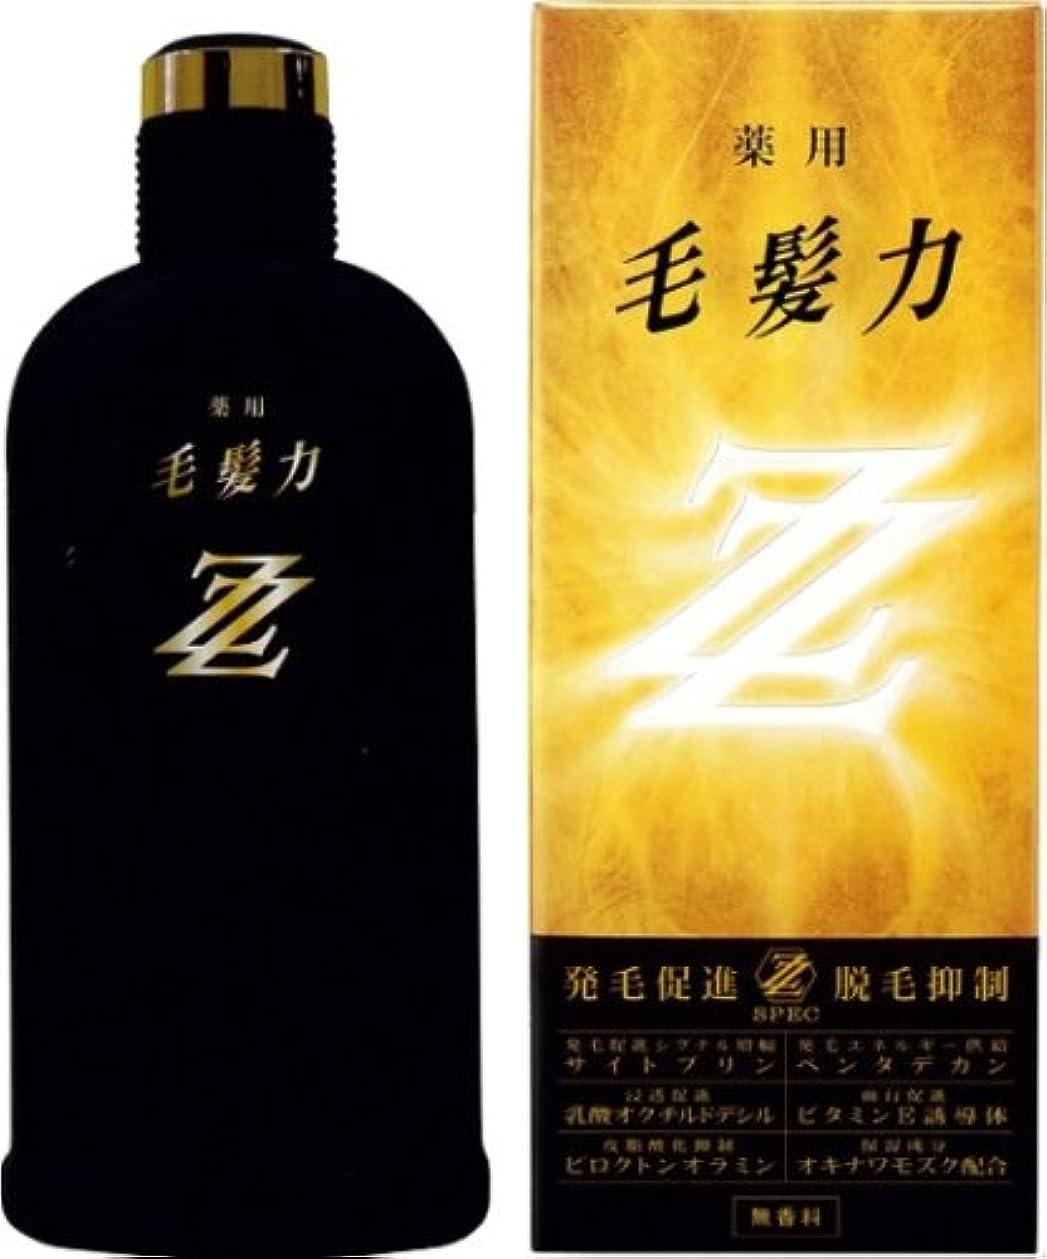 不快混合したゴールデン薬用毛髪力ZZ(ダブルジー) 育毛剤 200ml(医薬部外品)